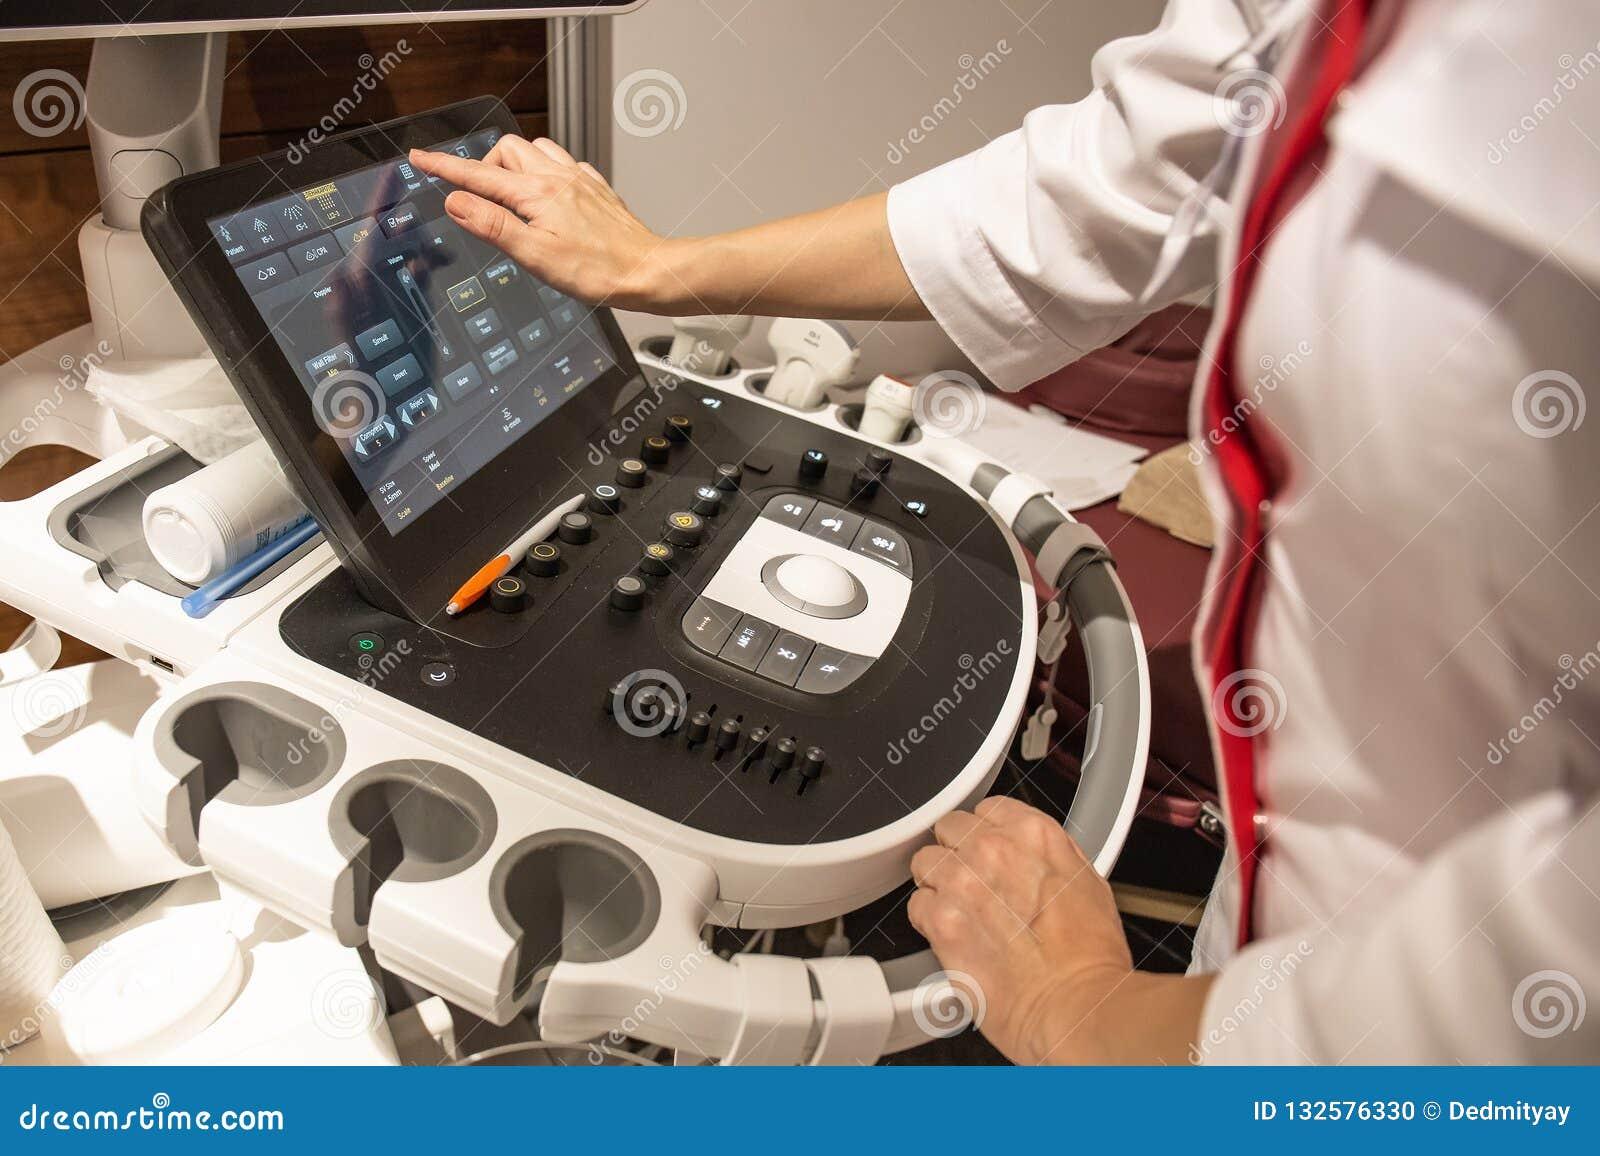 Mãos do doutor no painel de controle com o teclado do equipamento diagnóstico do ultrassom médico na clínica